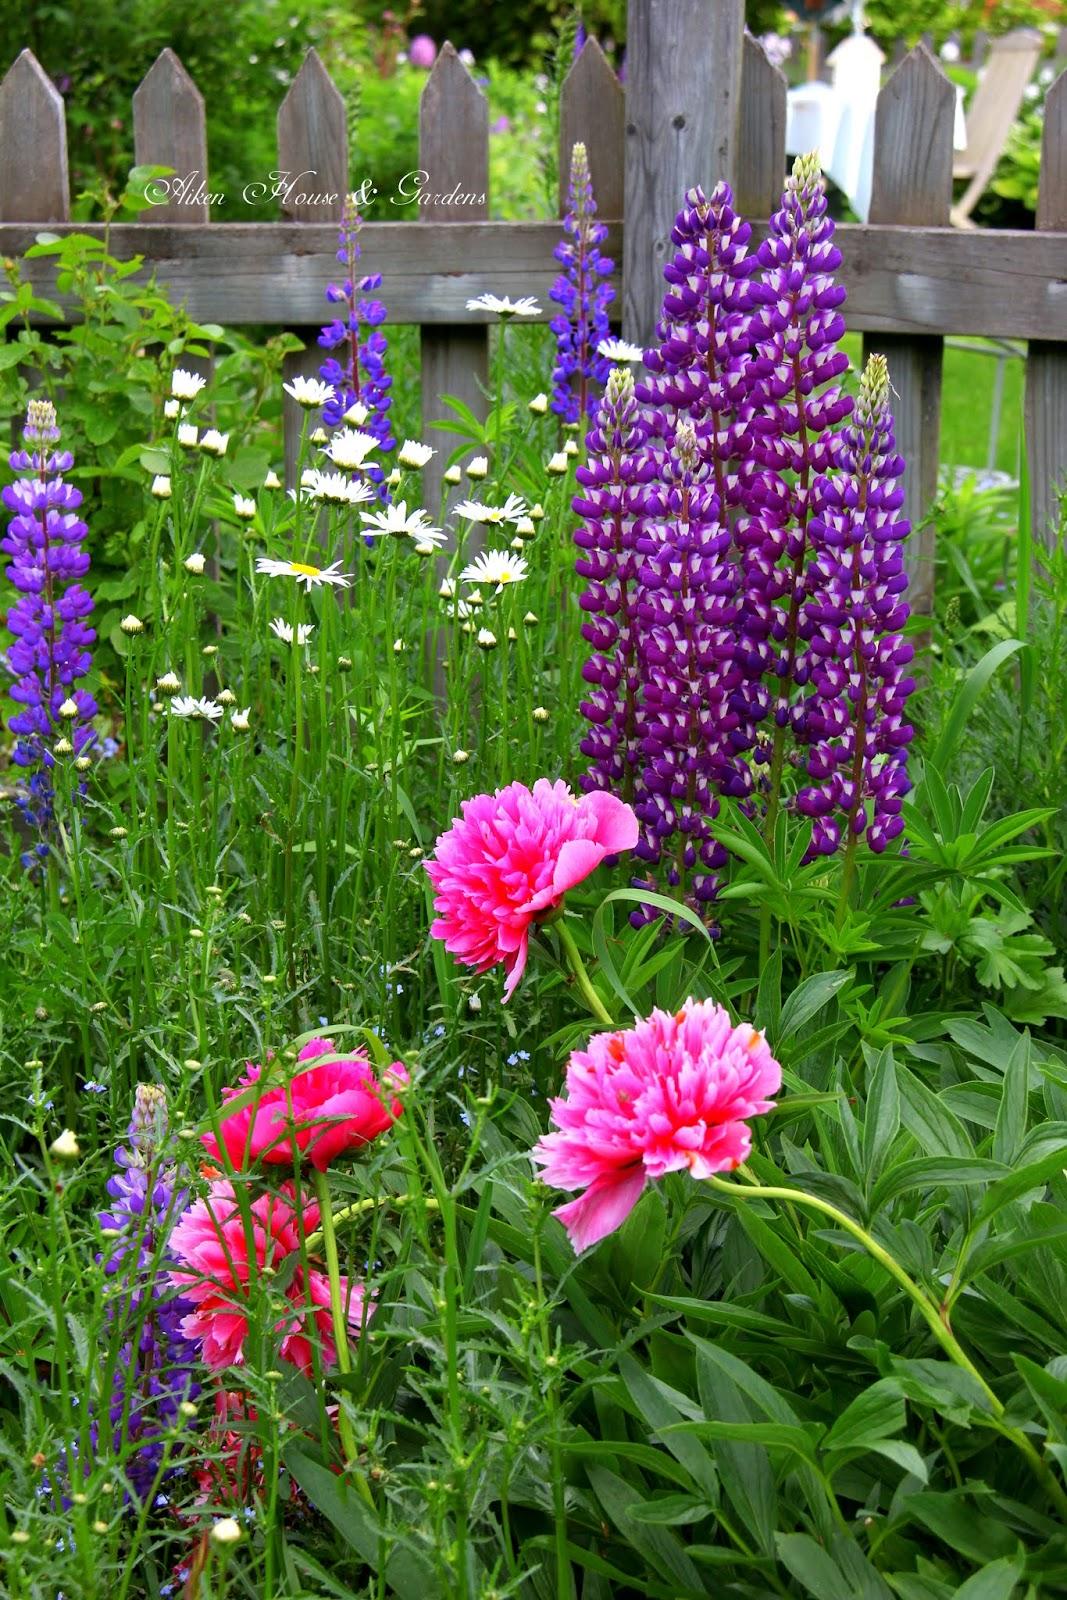 Beautiful flowers garden house - Aiken House Amp Gardens Early Summer Garden